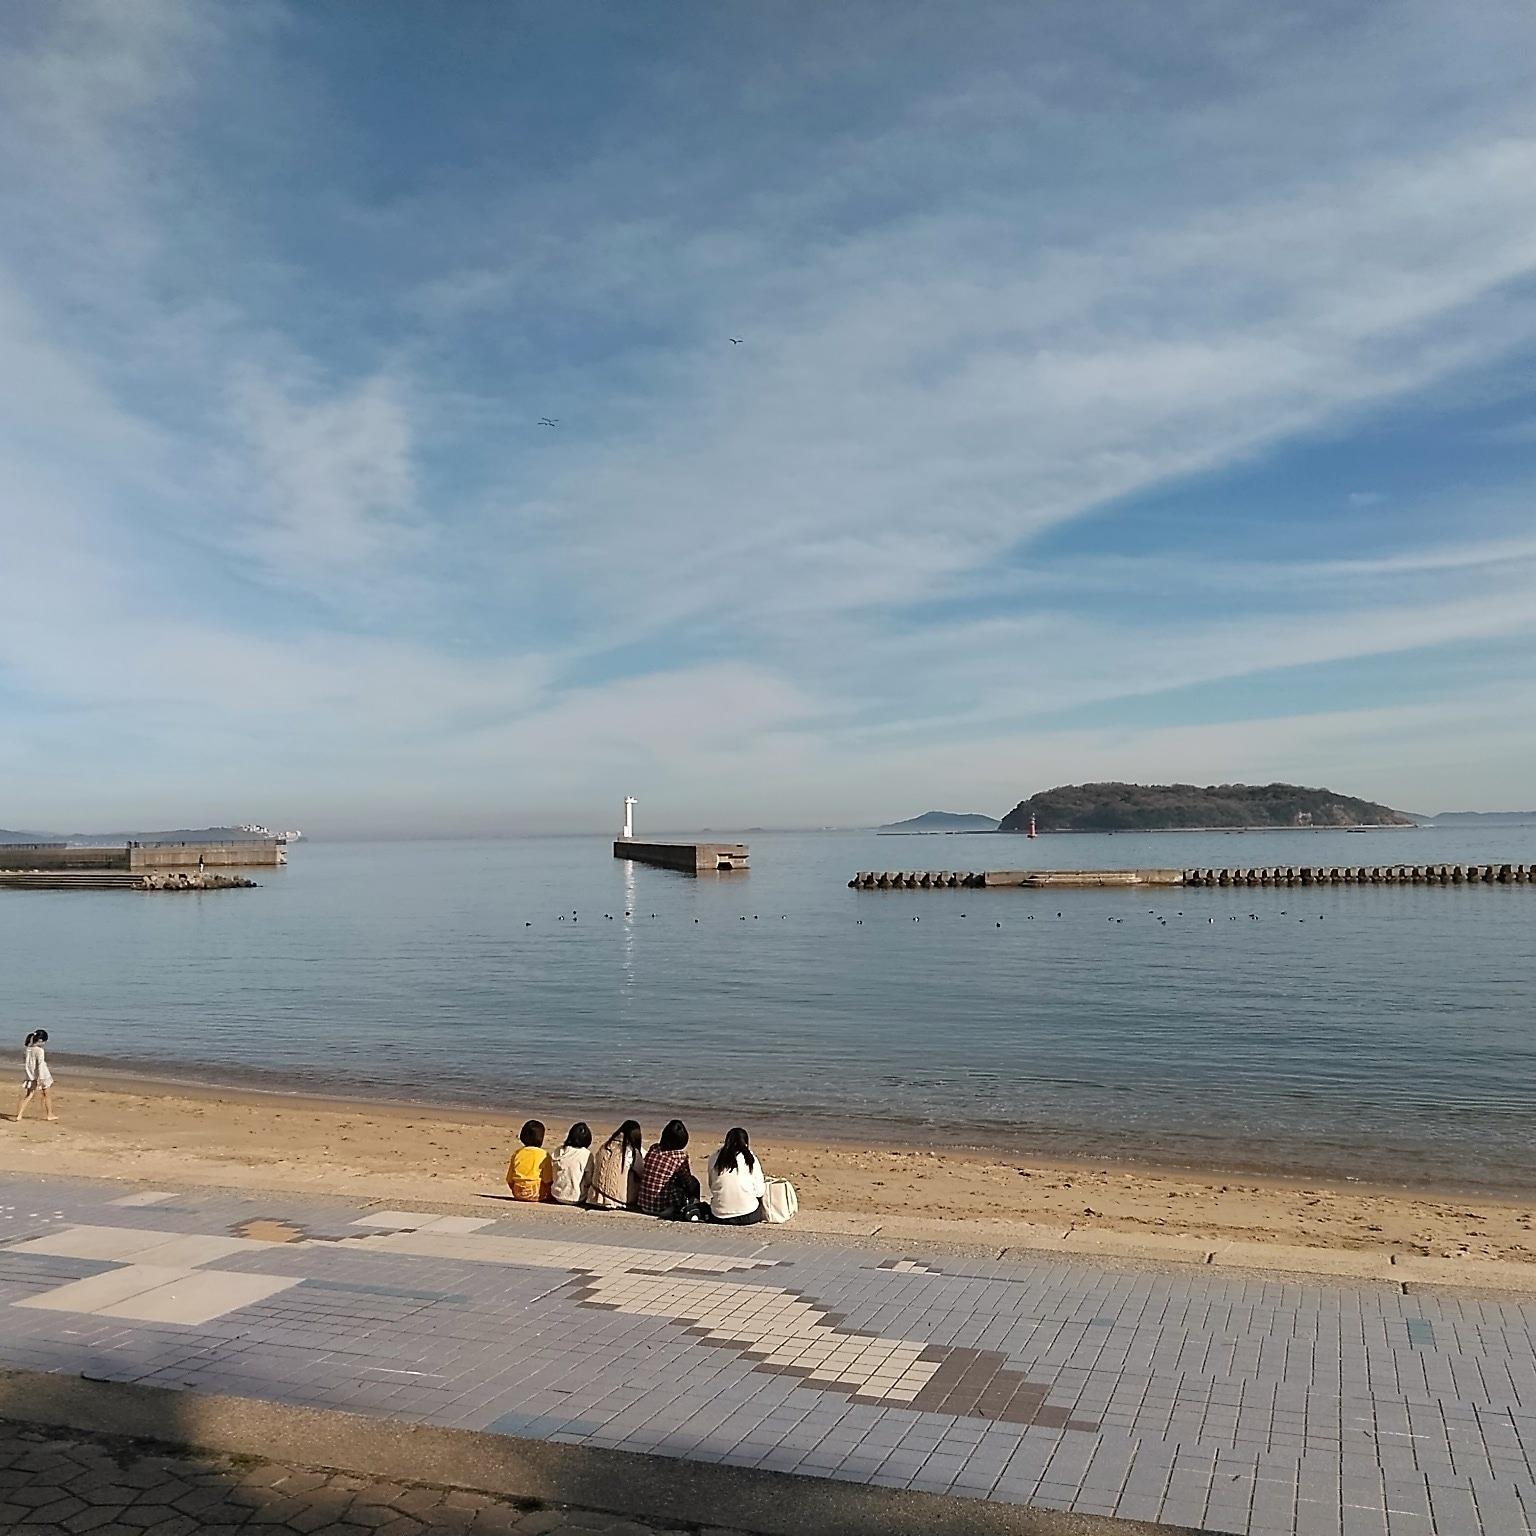 吉良ワイキキビーチ(宮崎海岸)